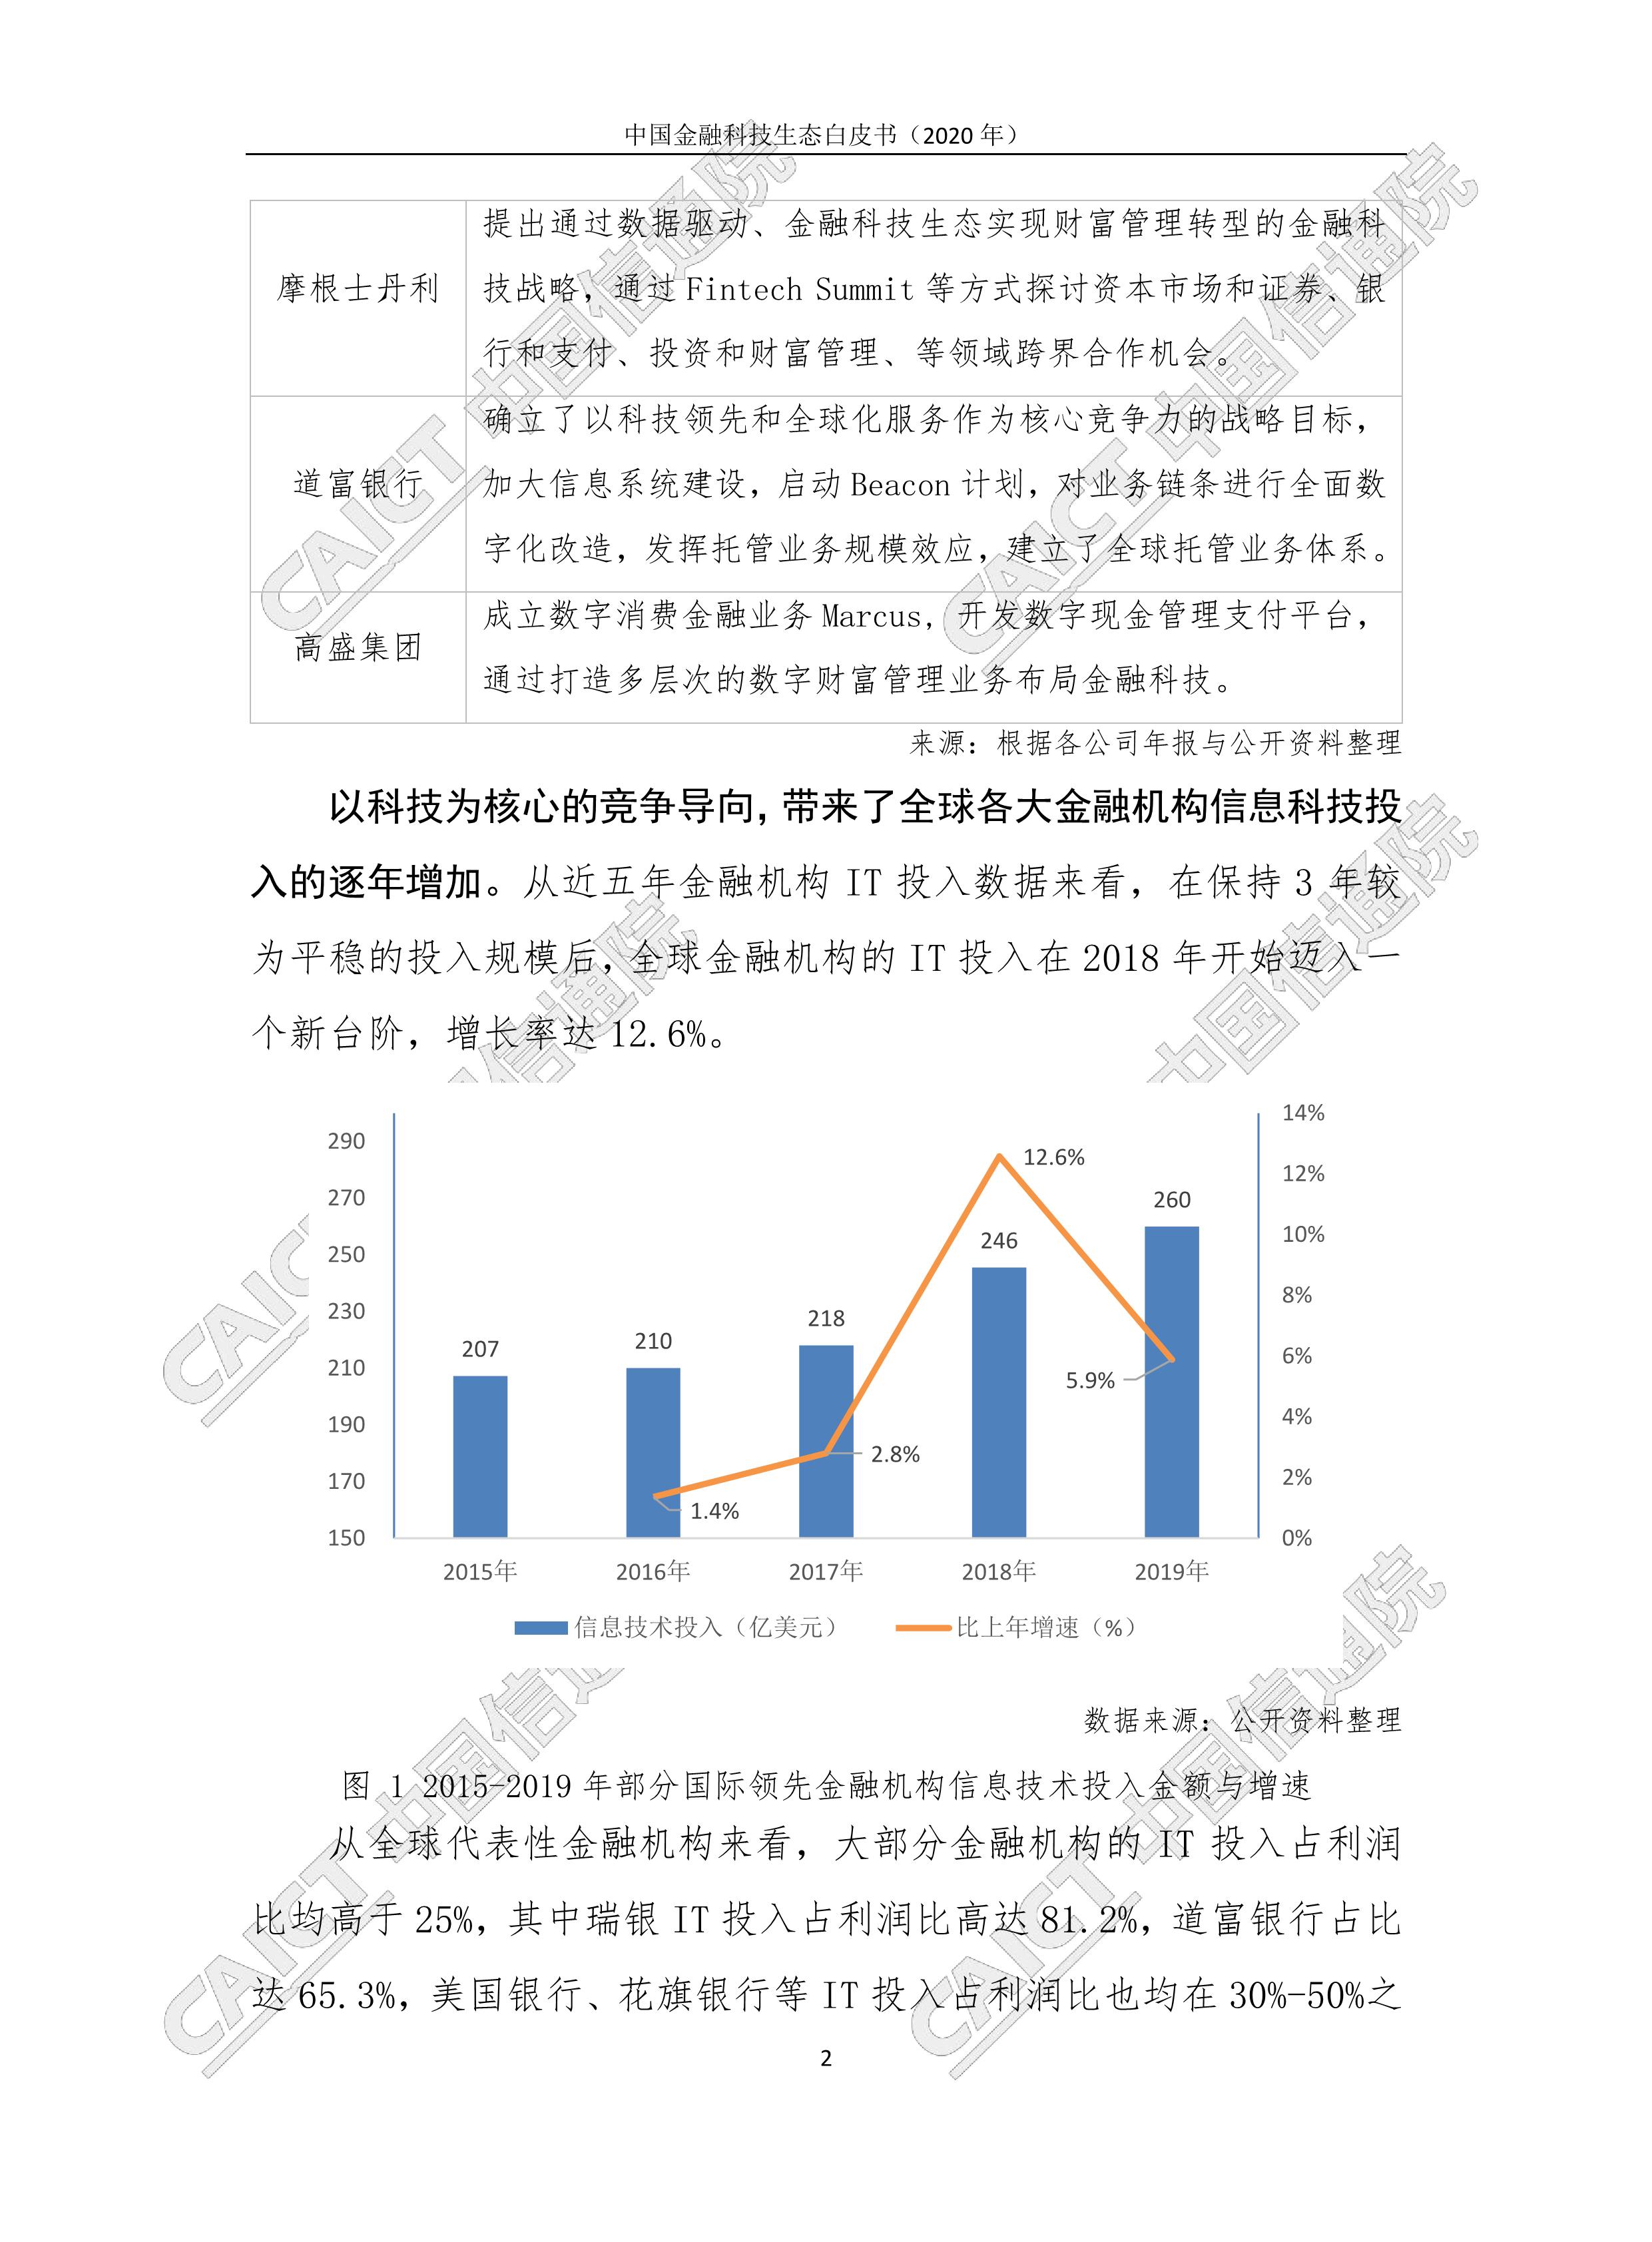 【行業報告】中國金融科技生態白皮書(完整版76頁、附pdf下載)-圖9